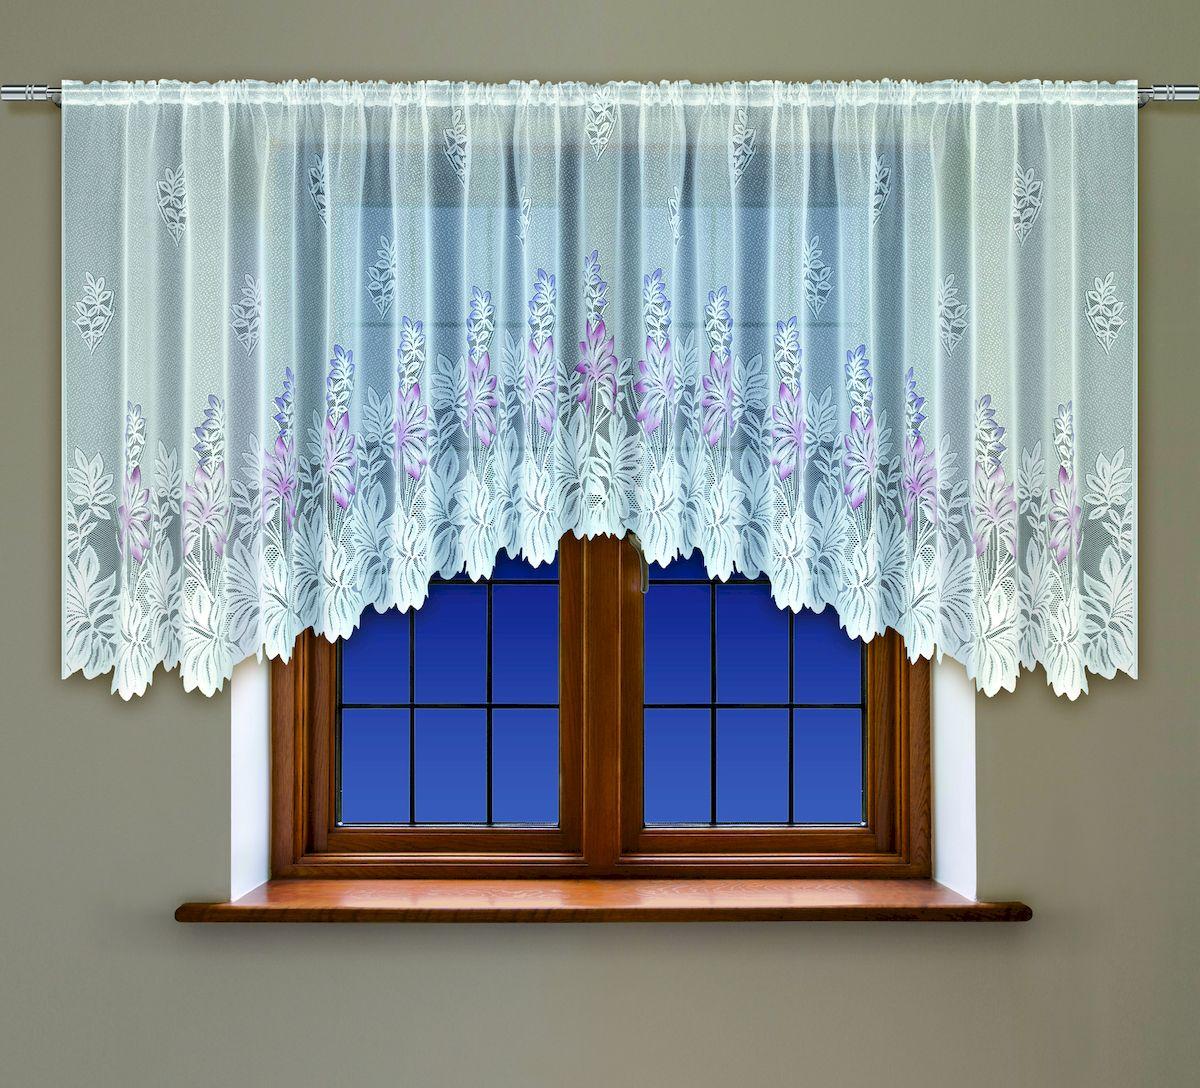 Гардина Haft, на кулиске, цвет: белый, высота 137 см. 200530200530/137Воздушная гардина Haft, выполненная из полиэстера, великолепно украсит любое окно.Изделие имеет оригинальный дизайн и органично впишется в интерьер помещения.Гардина крепится на карниз при помощи кулиски.